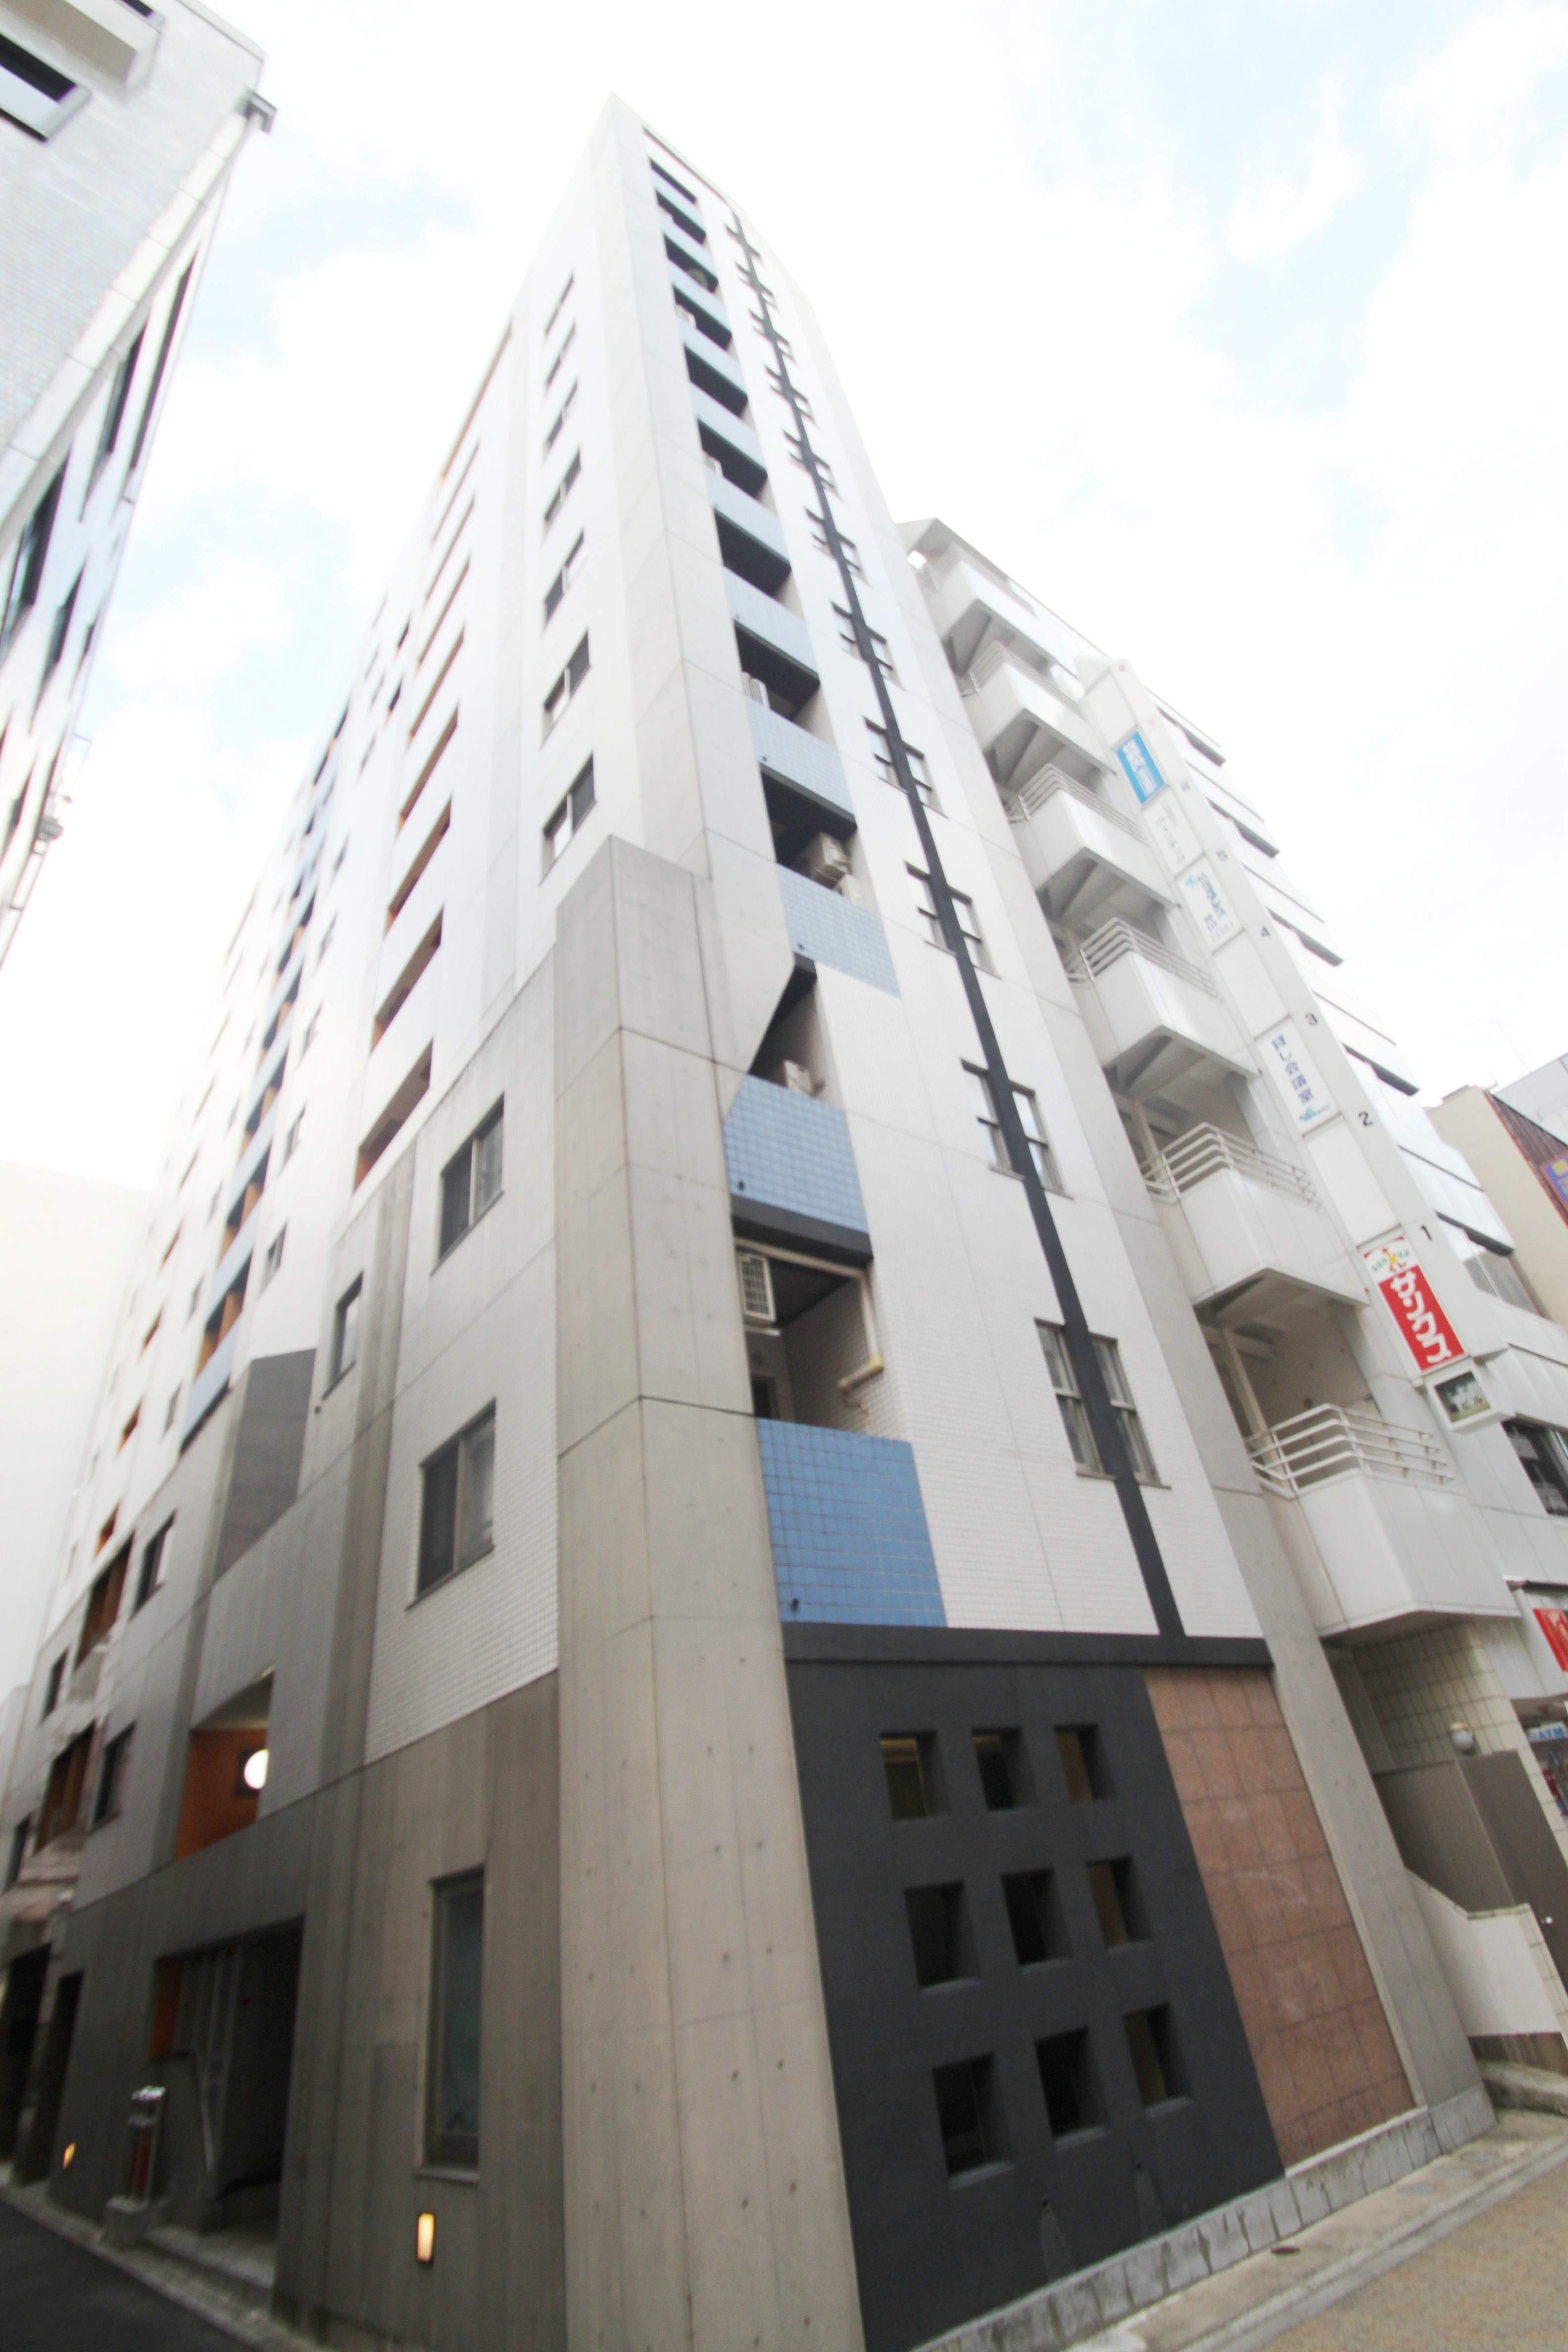 東京都千代田区、神田駅徒歩3分の築11年 13階建の賃貸マンション